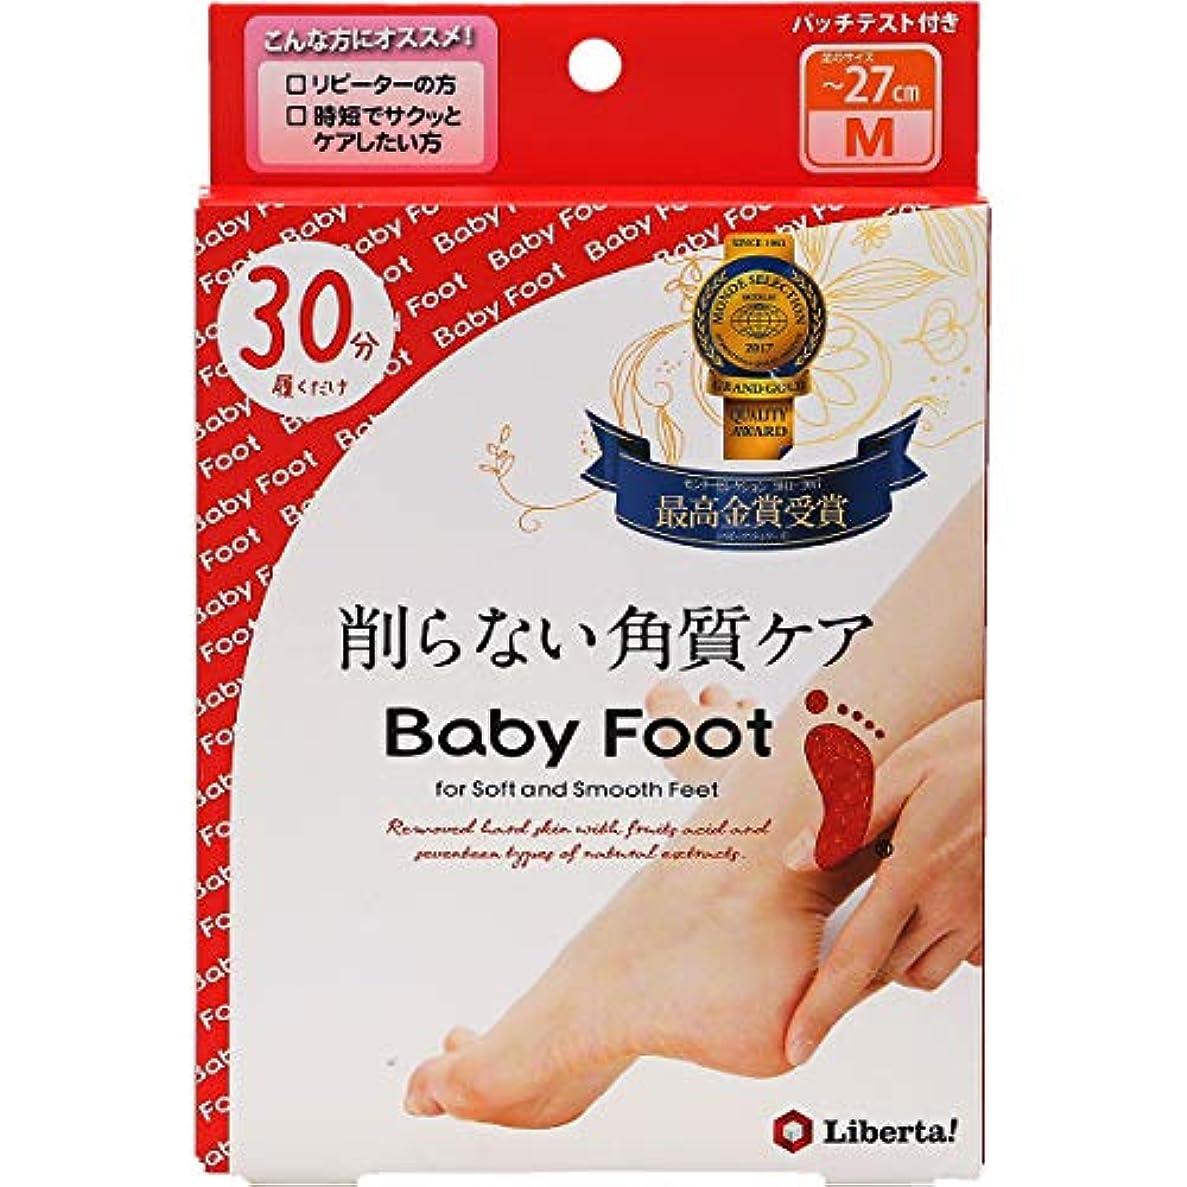 ペチュランスラテン圧縮されたベビーフット (Baby Foot) ベビーフット イージーパック30分タイプ Mサイズ 単品